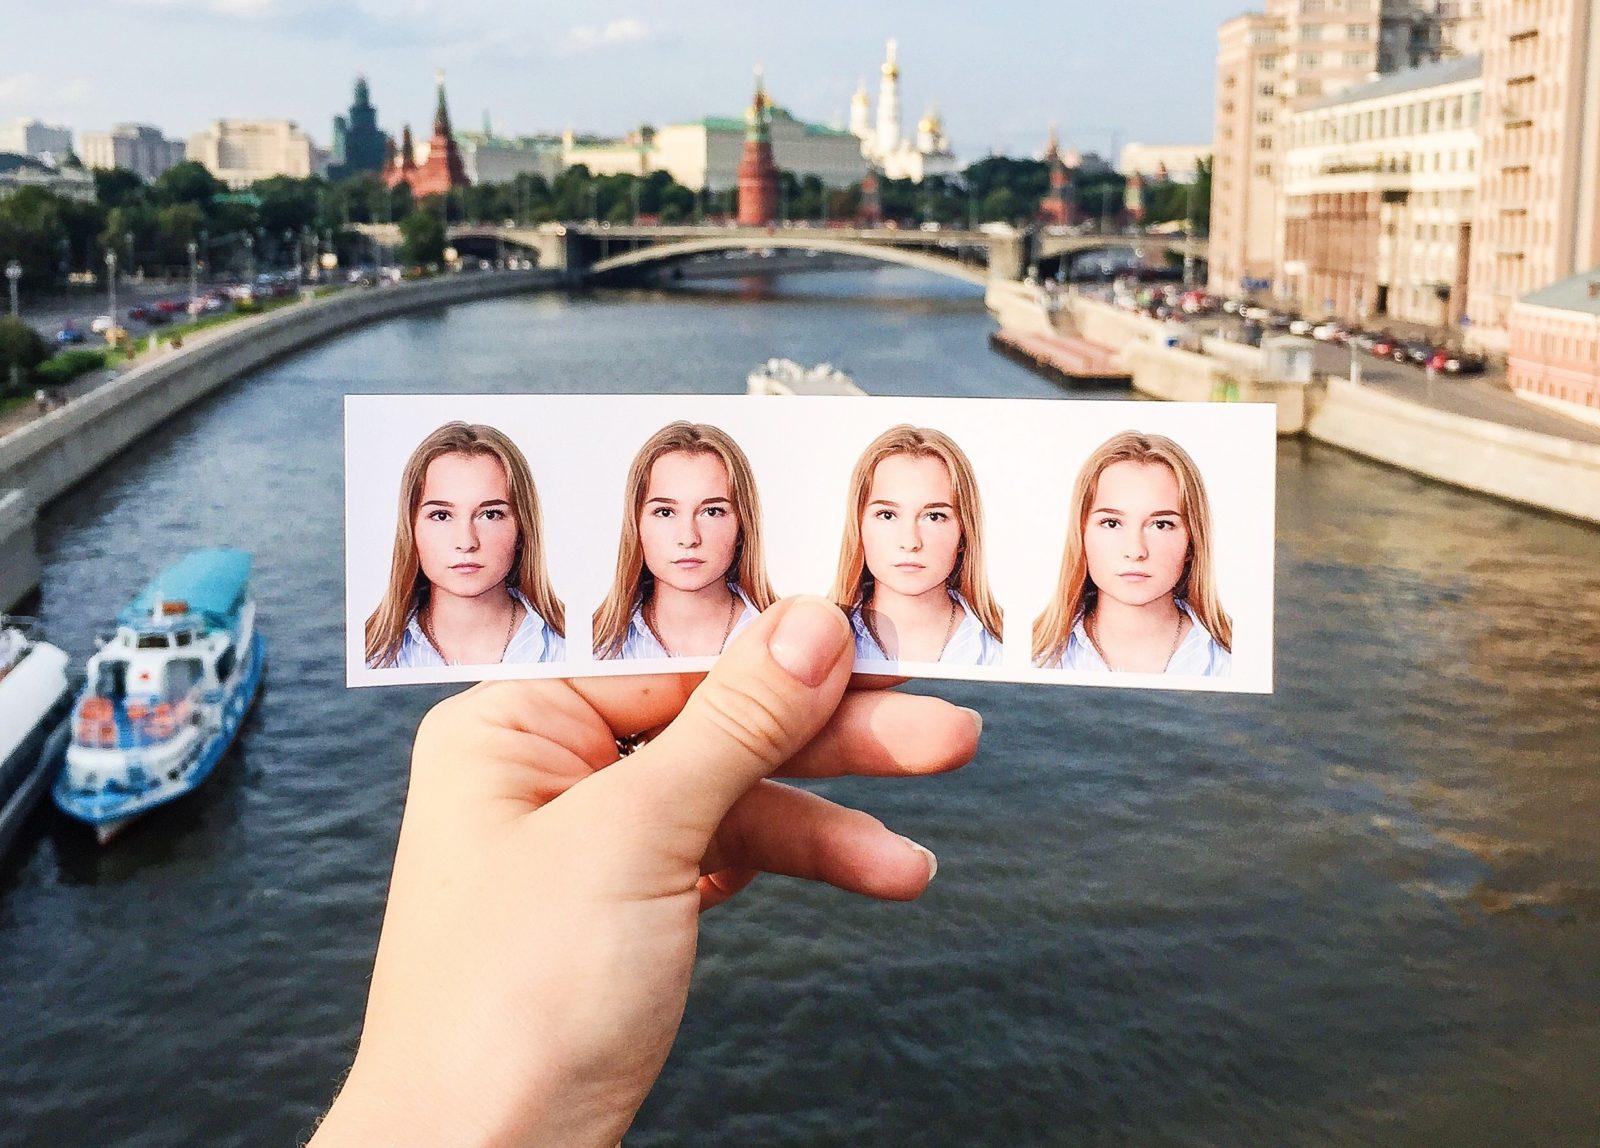 Фото на визу: как сделать правильно?